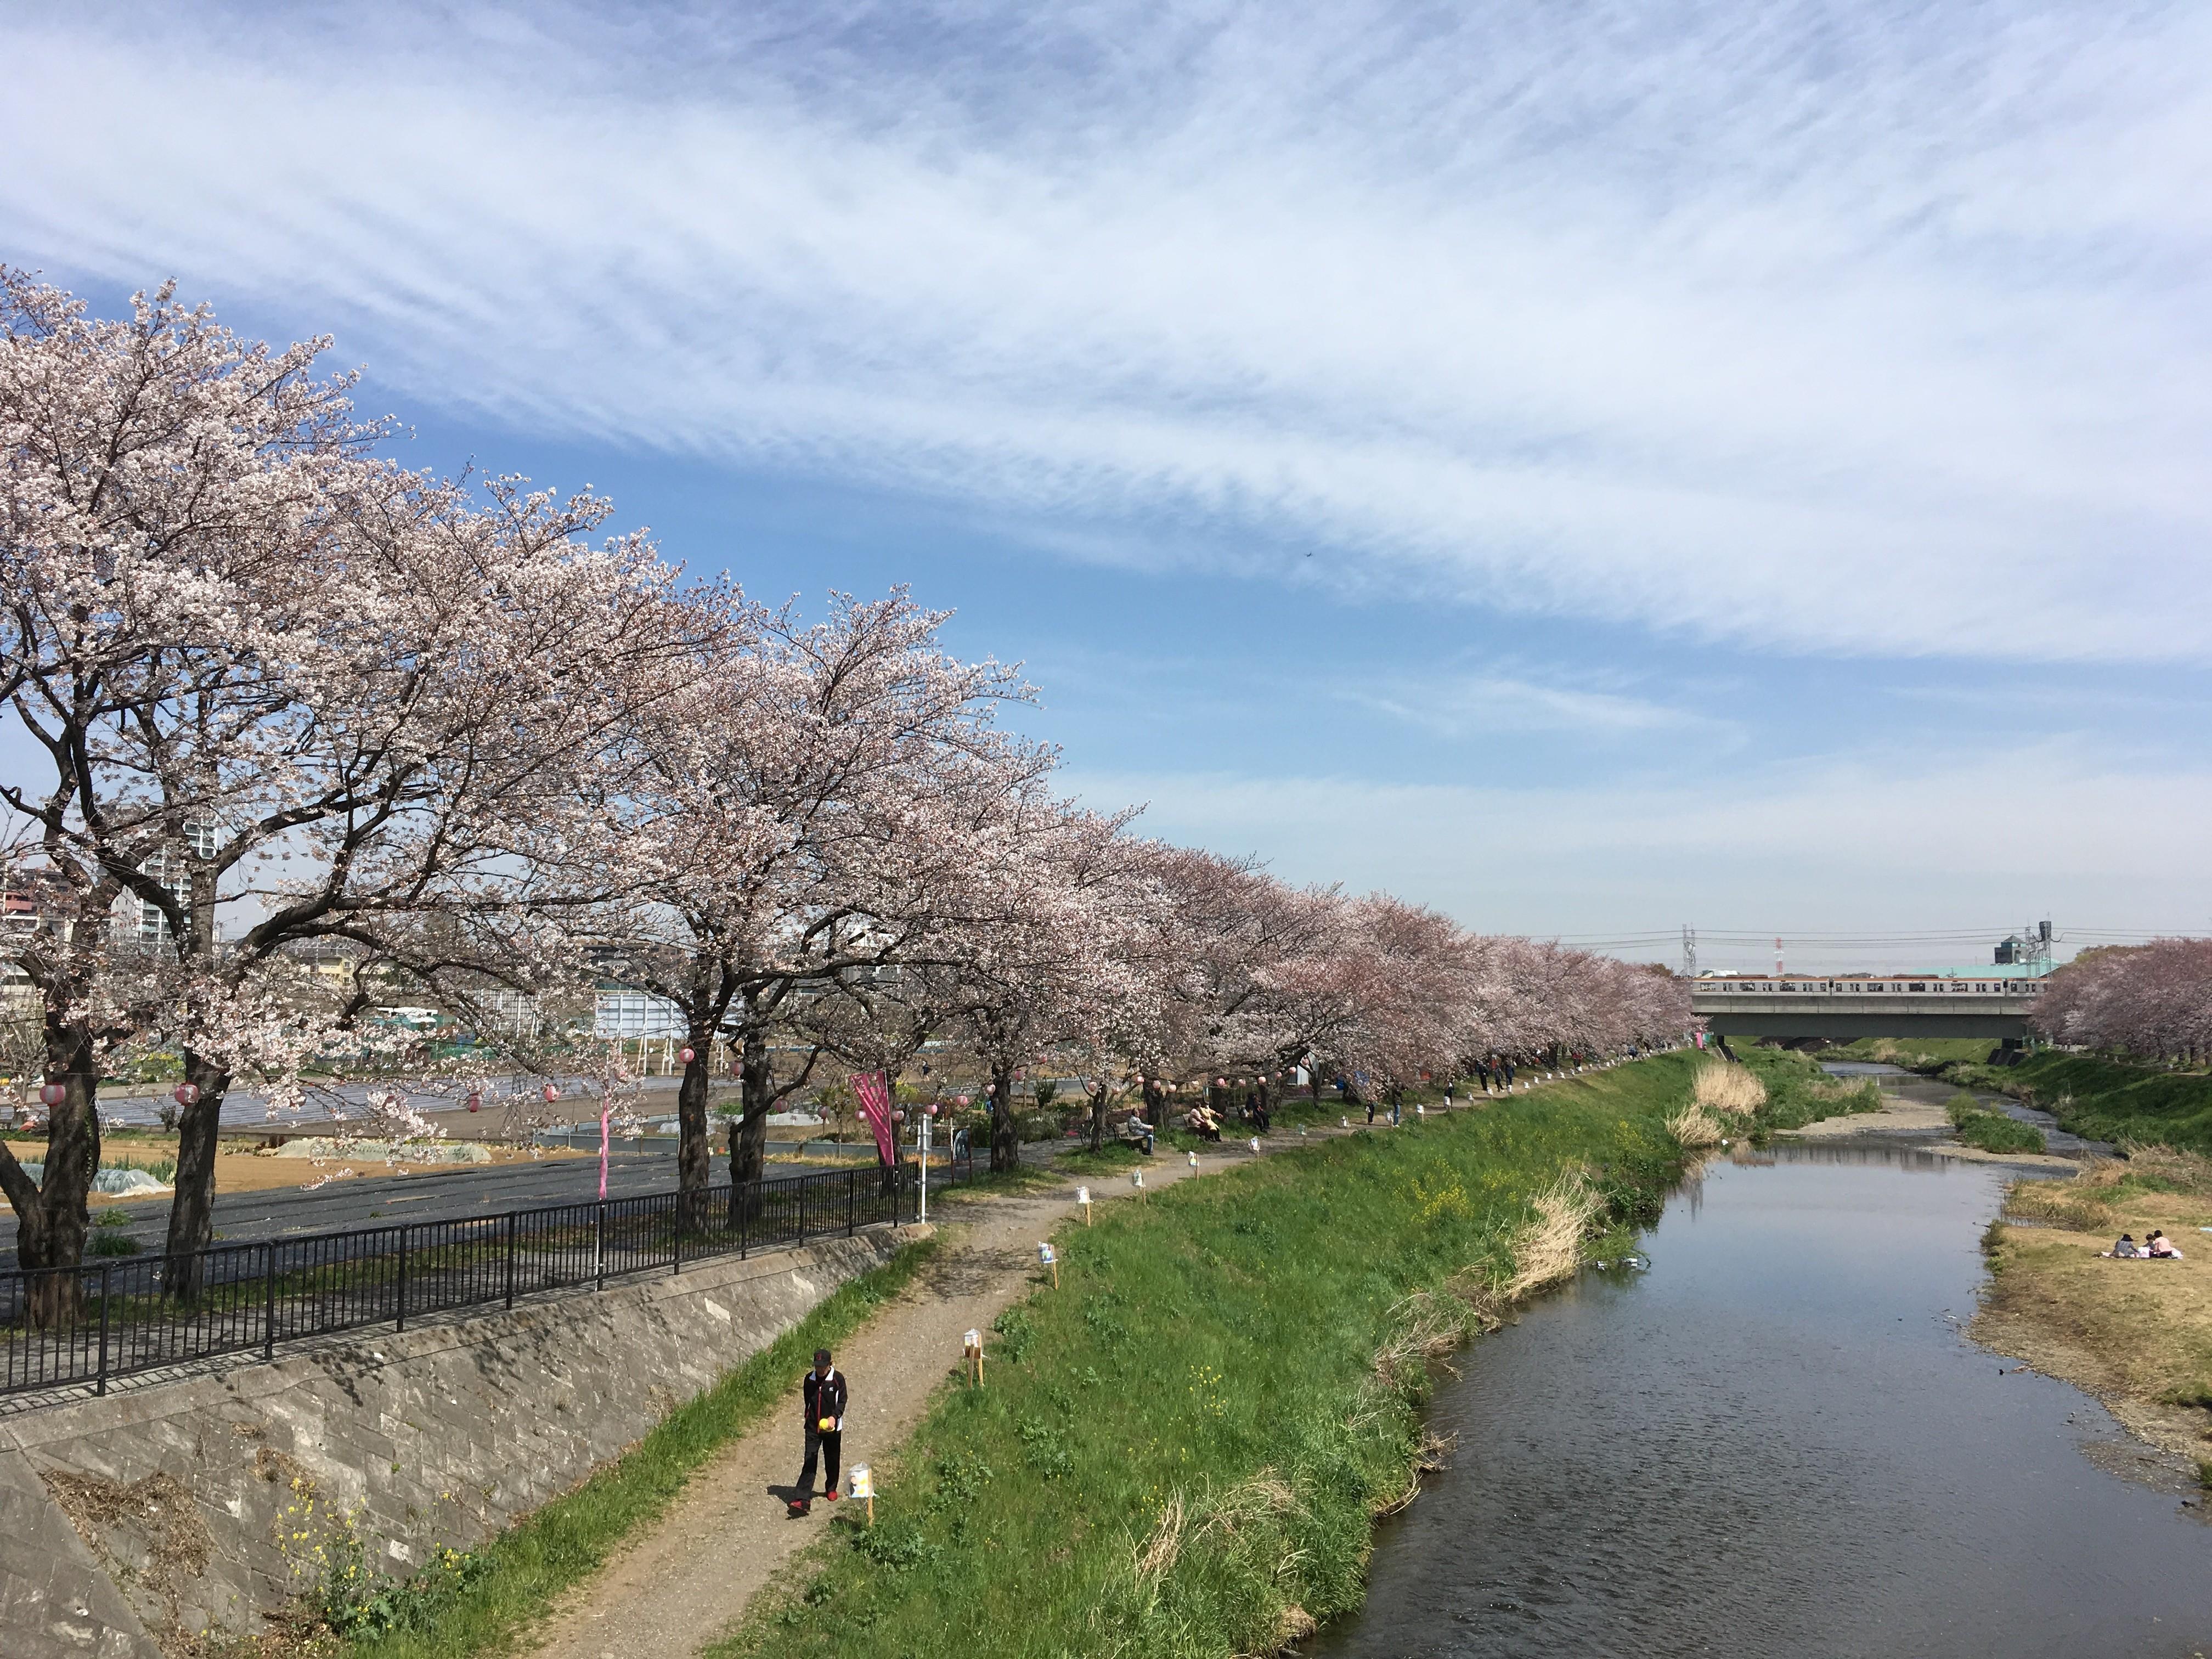 黒目川遊歩道から左岸の桜を望む